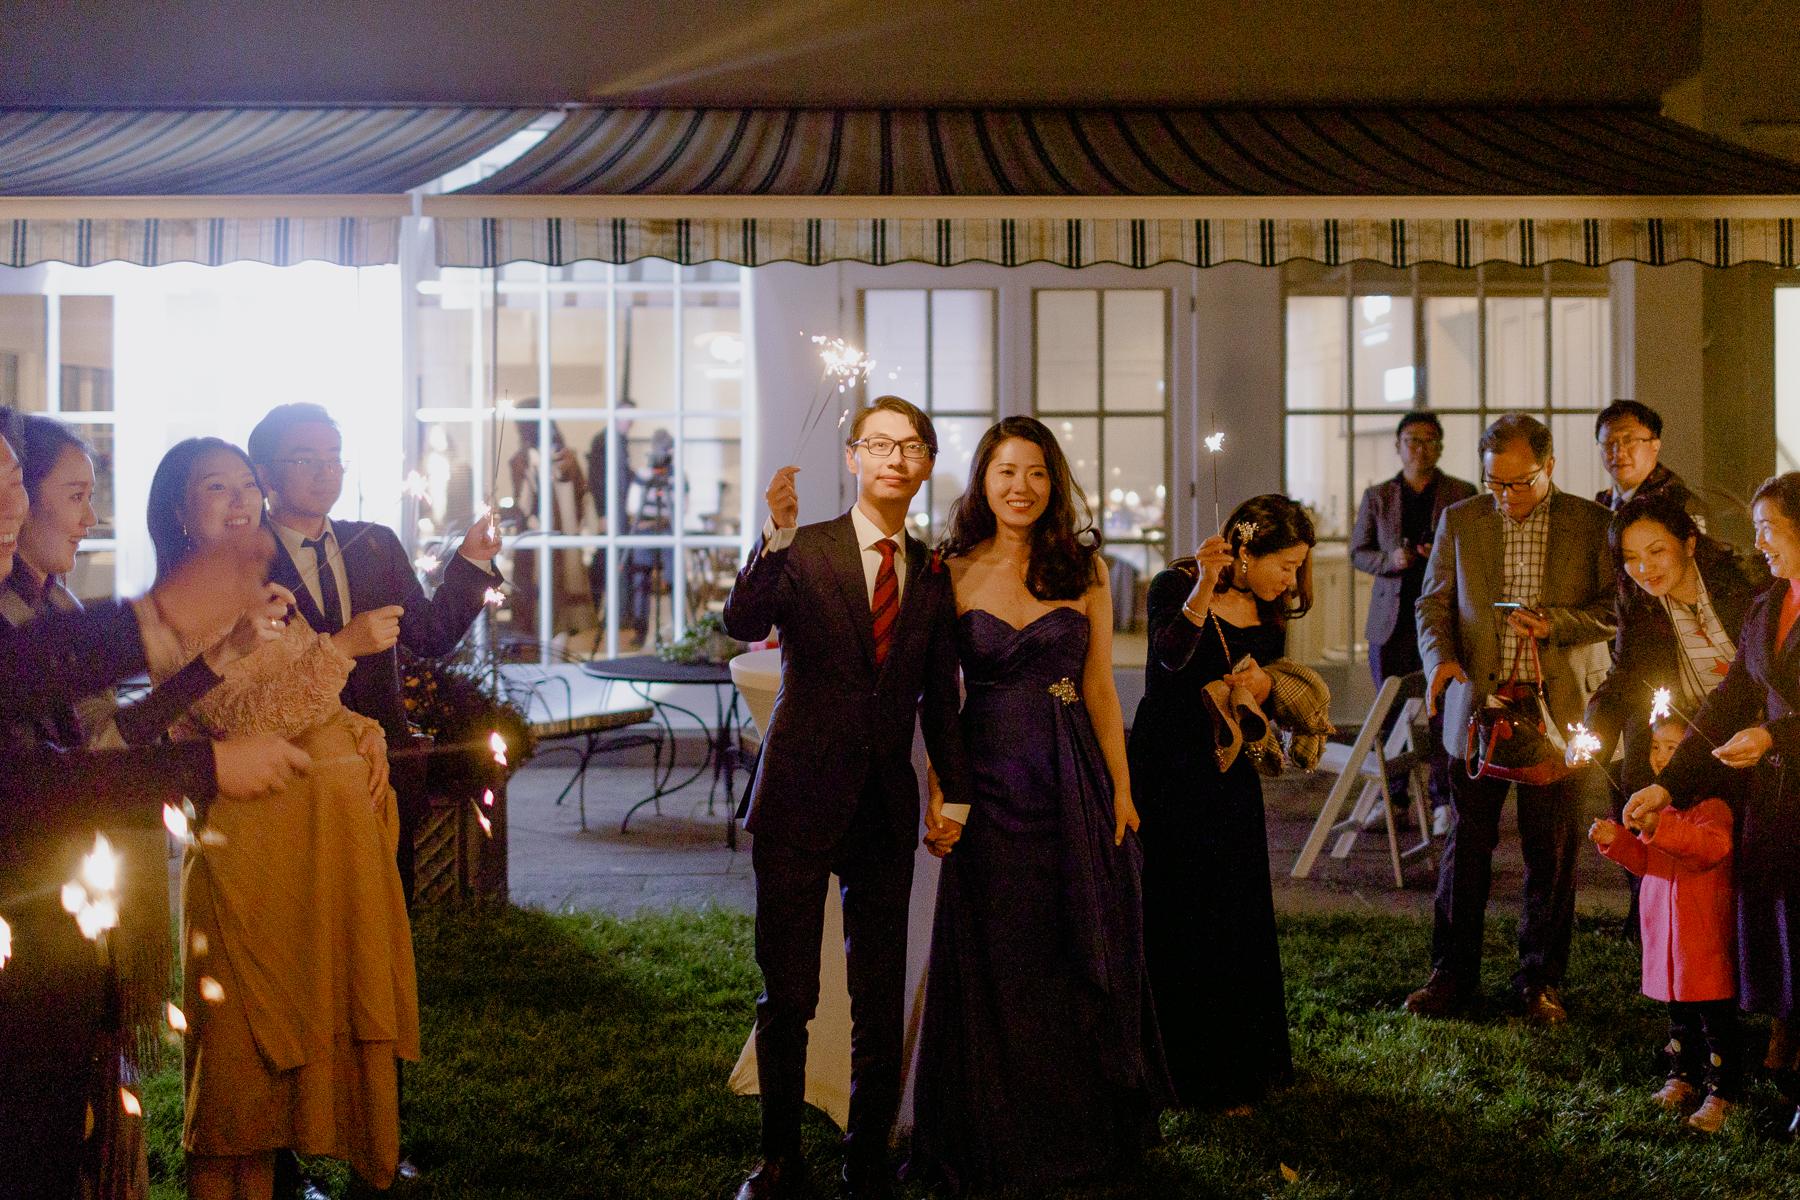 langdon-hall-wedding-markham-chinese-wedding-photographer 0061.jpg